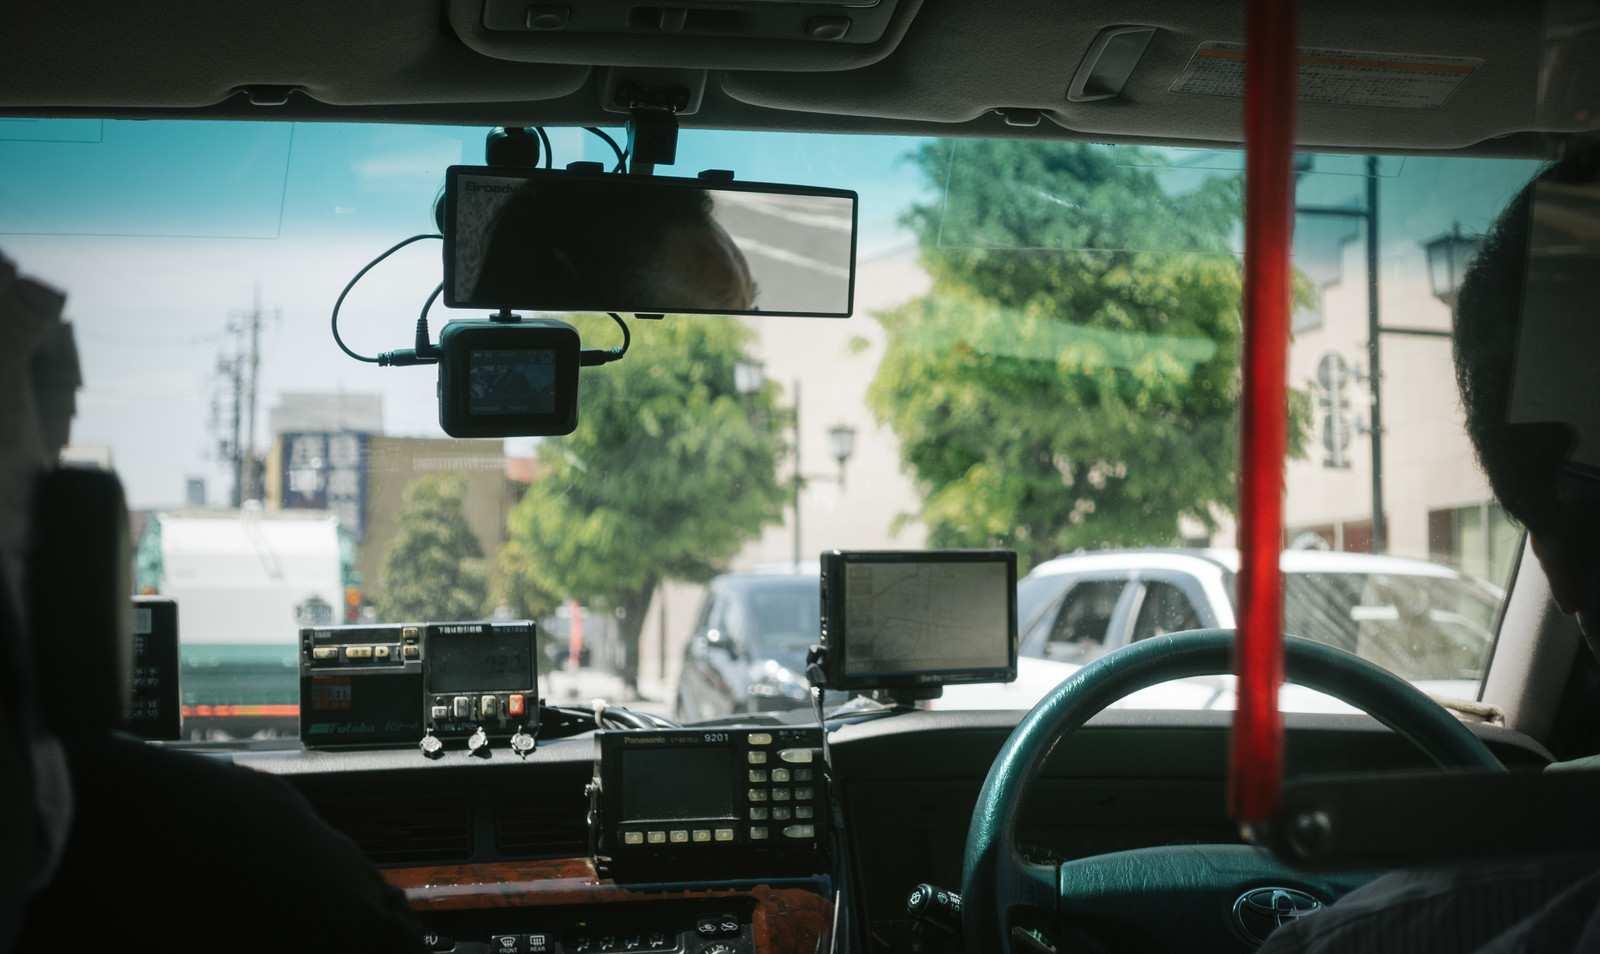 タクシーの怖い話『山奥にある空港』|厳選・怖い話名作まとめ